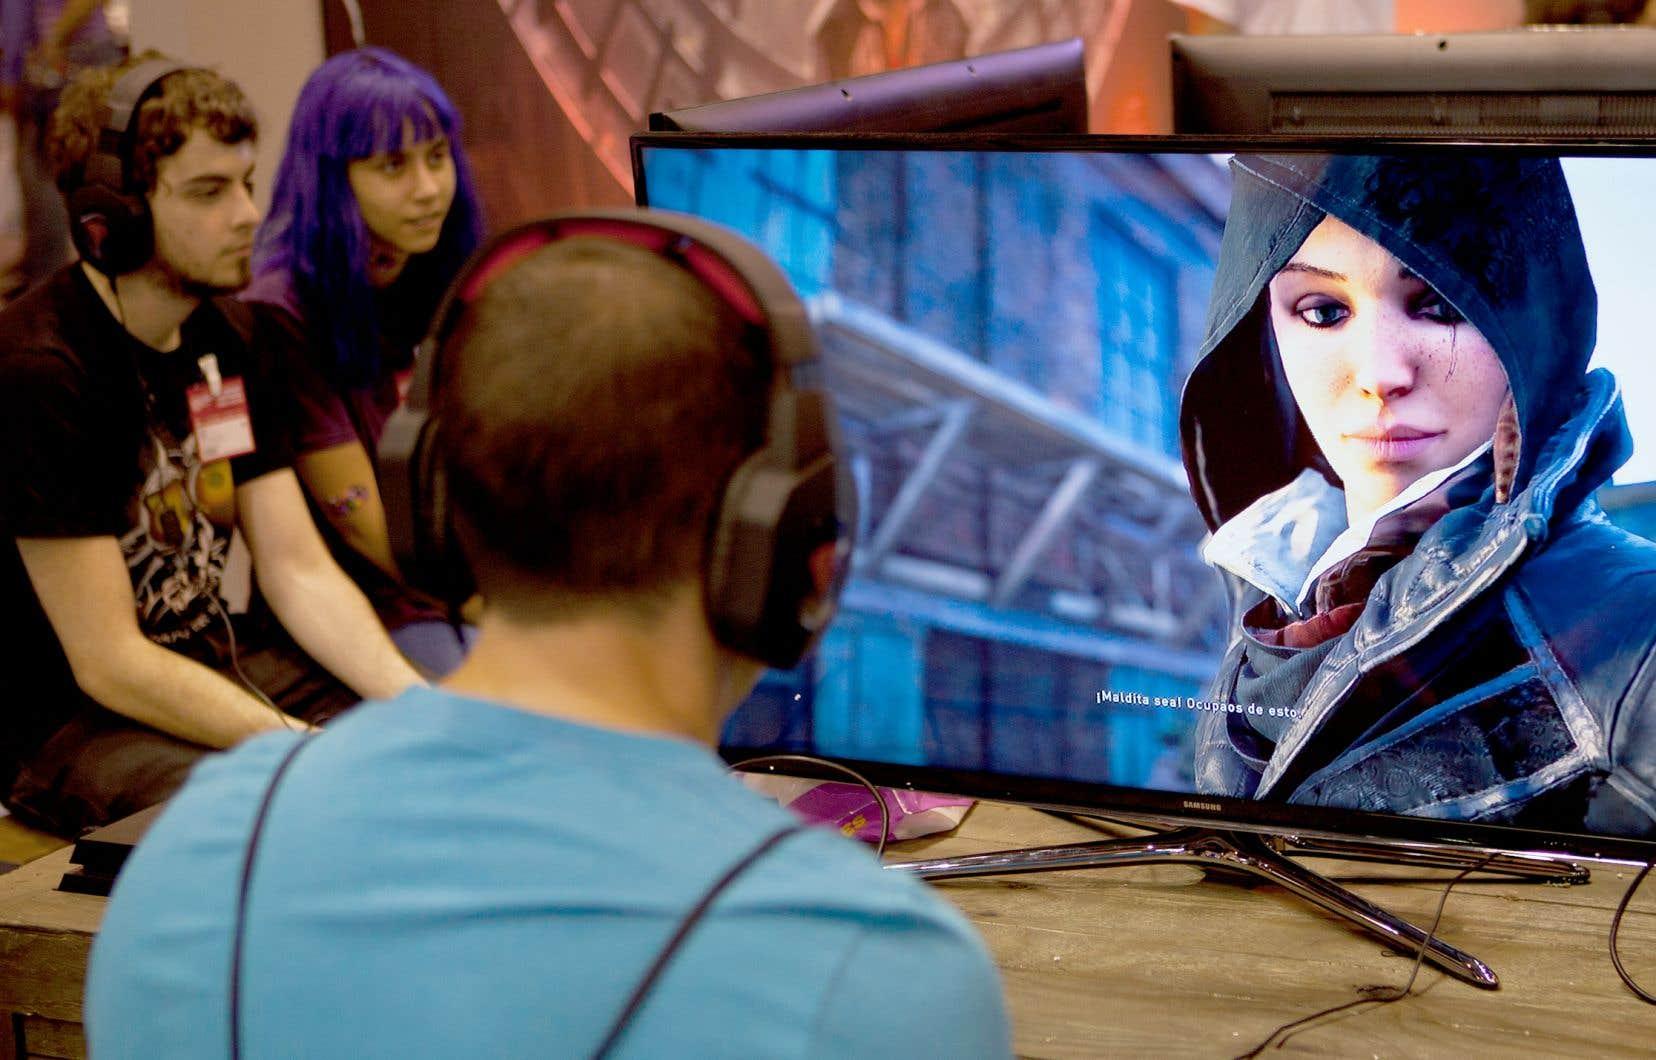 Outre des acteurs importants comme Ubisoft et Electronic Arts, installés à Montréal, le Québec compte une multitude de plus petits studios de renom comme Red Barrels et Sabotage Studio. Sur la photo, un gamer joue au jeu «Assassin's Creed Syndicate», développé par Ubisoft Québec.